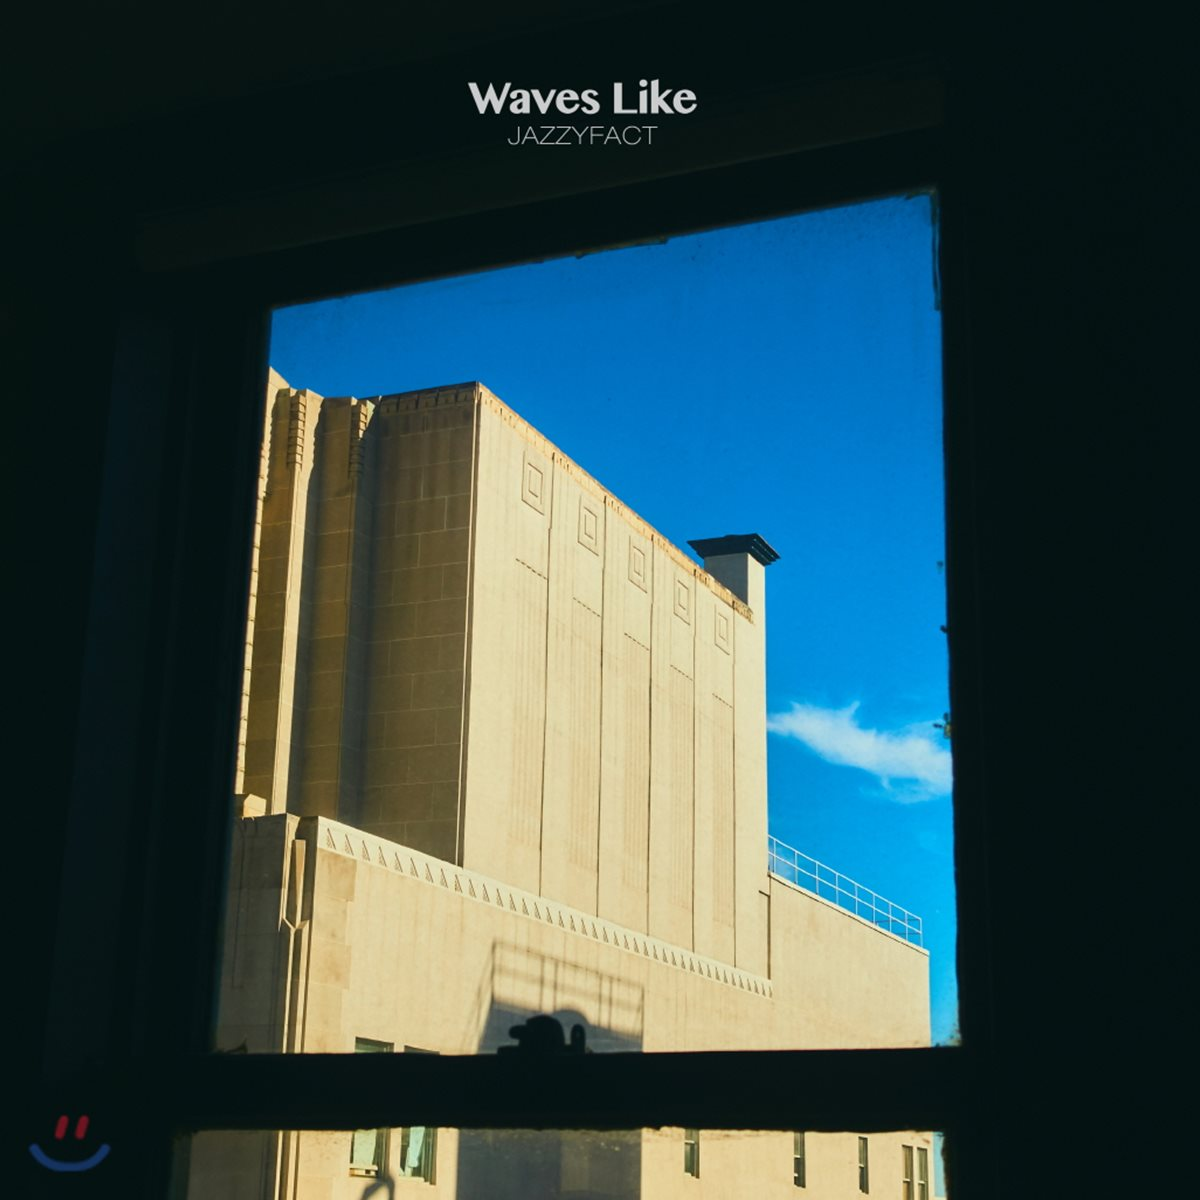 재지팩트 (Jazzyfact) - Waves Like